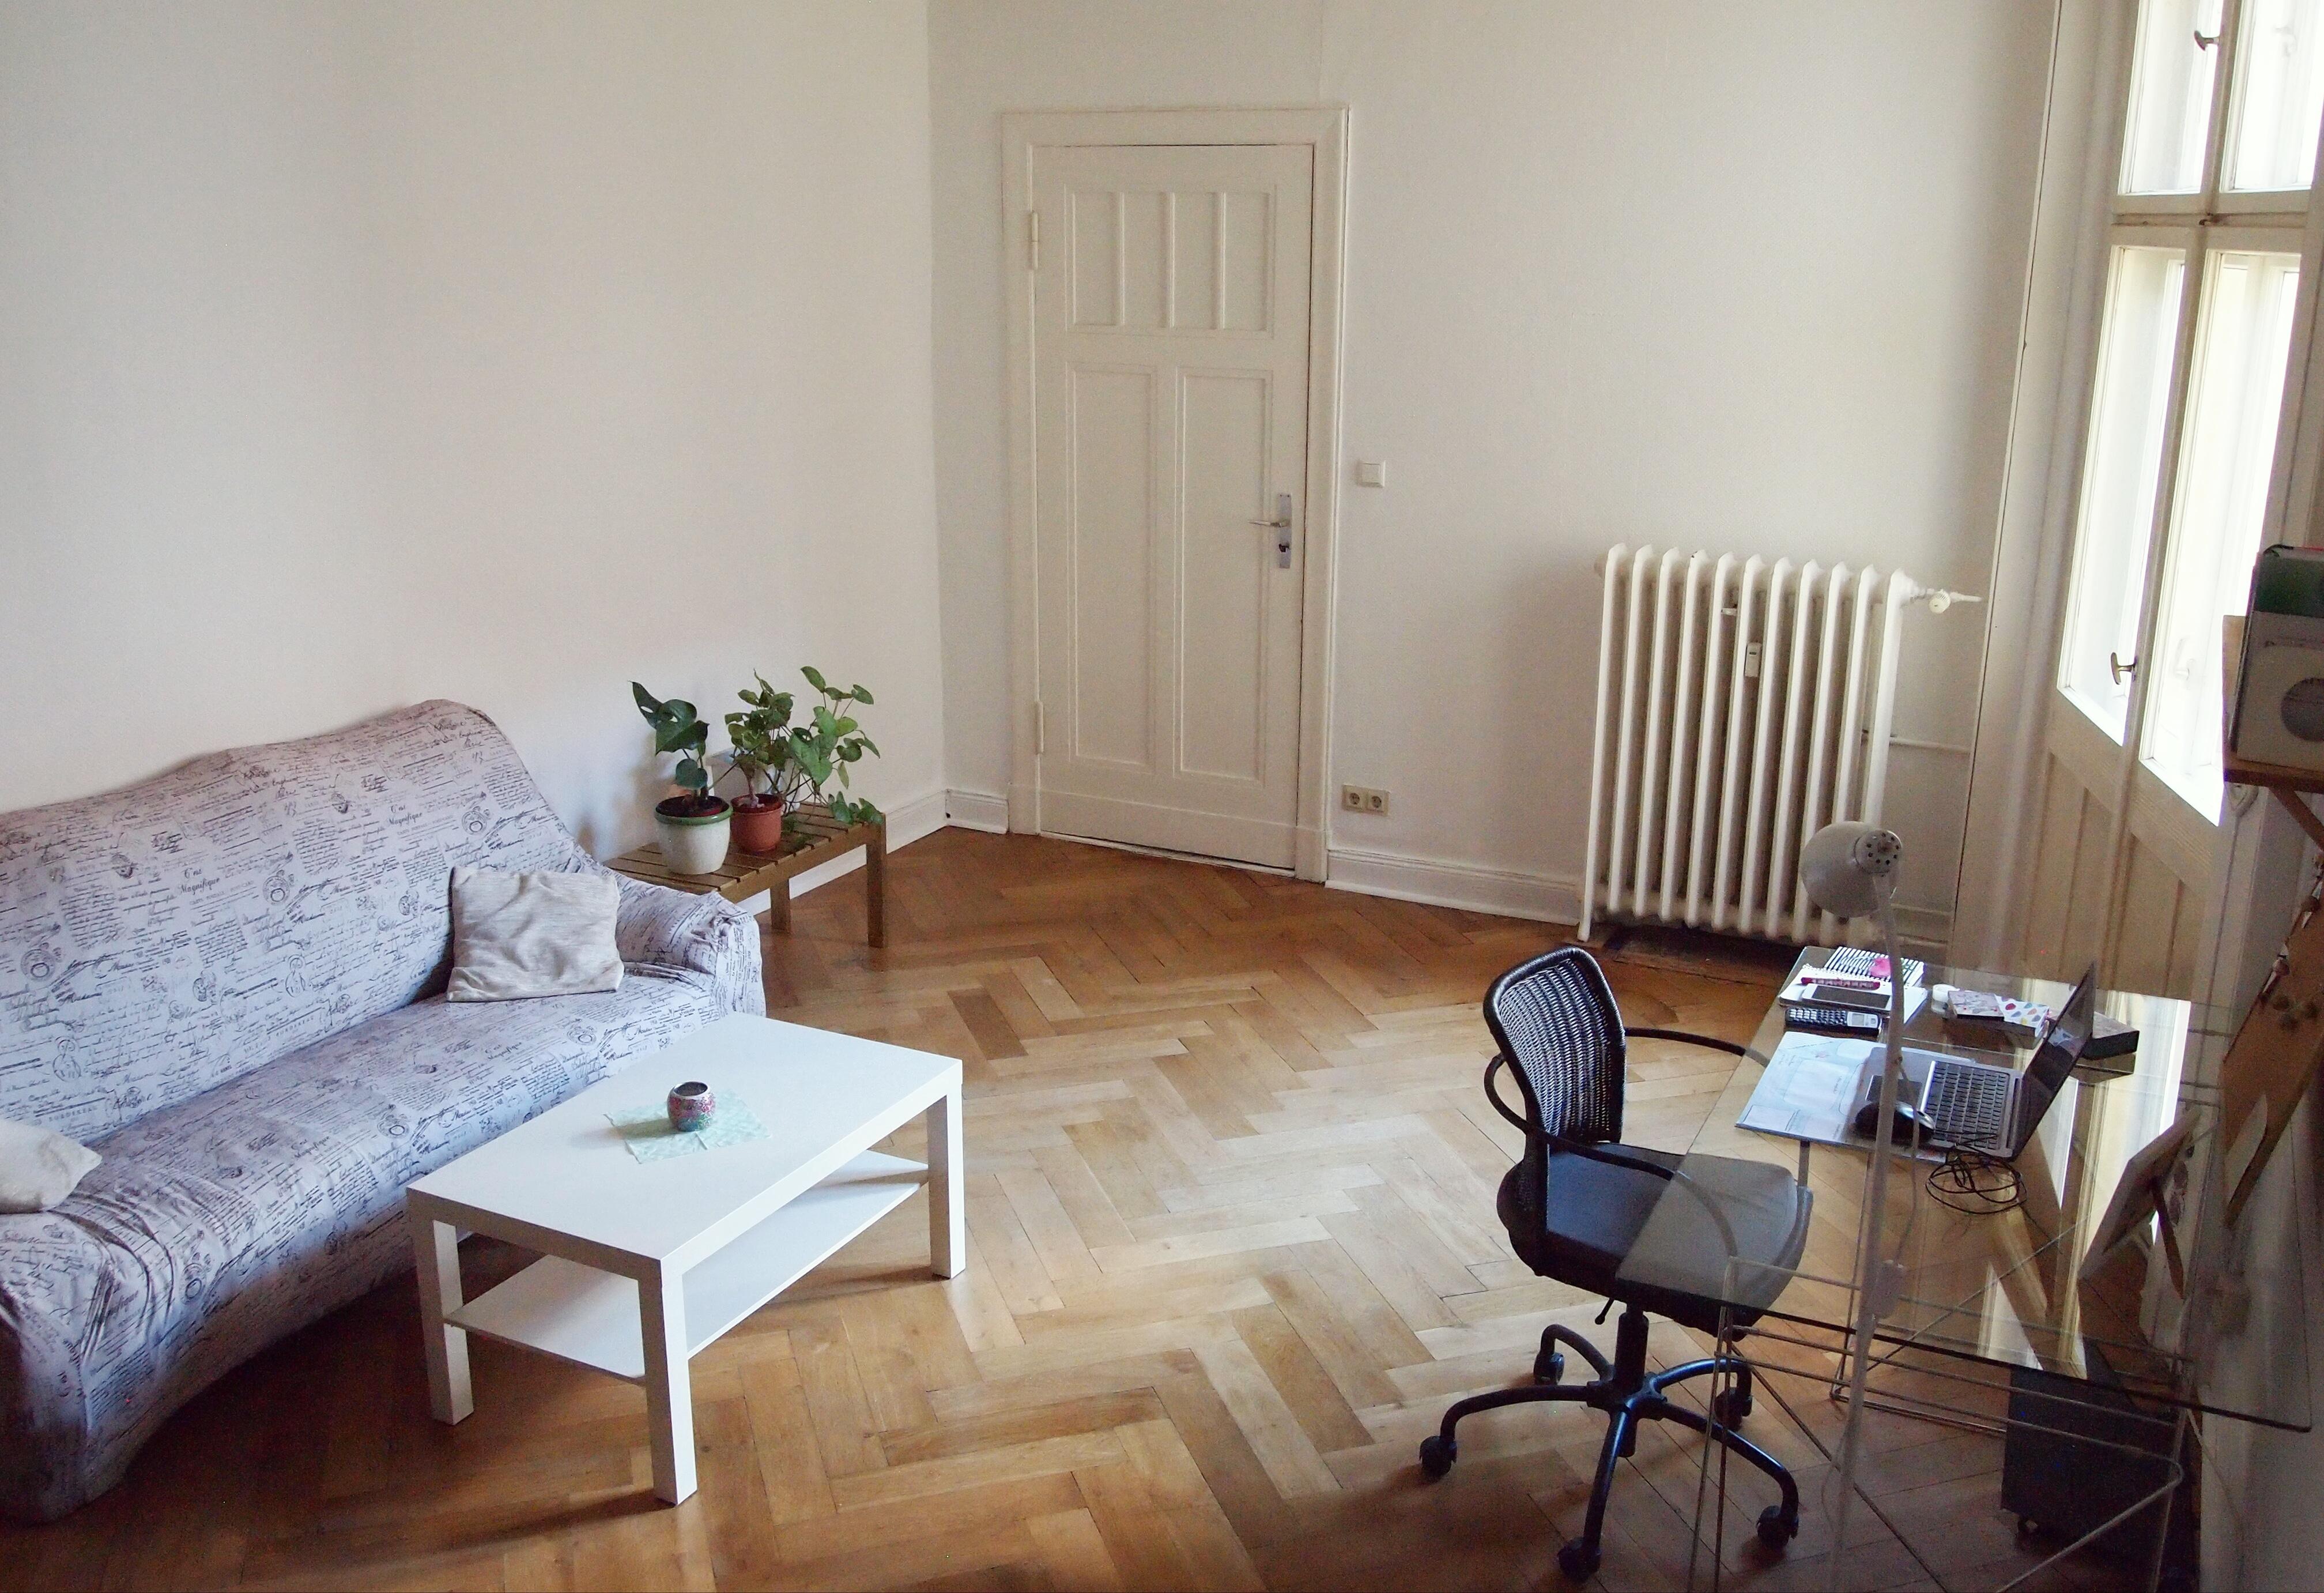 Wohnzimmer mit cremefarbenem Vintage-Sofa, weißem Couchtisch, Schreibtisch aus Glas und schwarzem Schreibtischstuhl mit Korblehne.